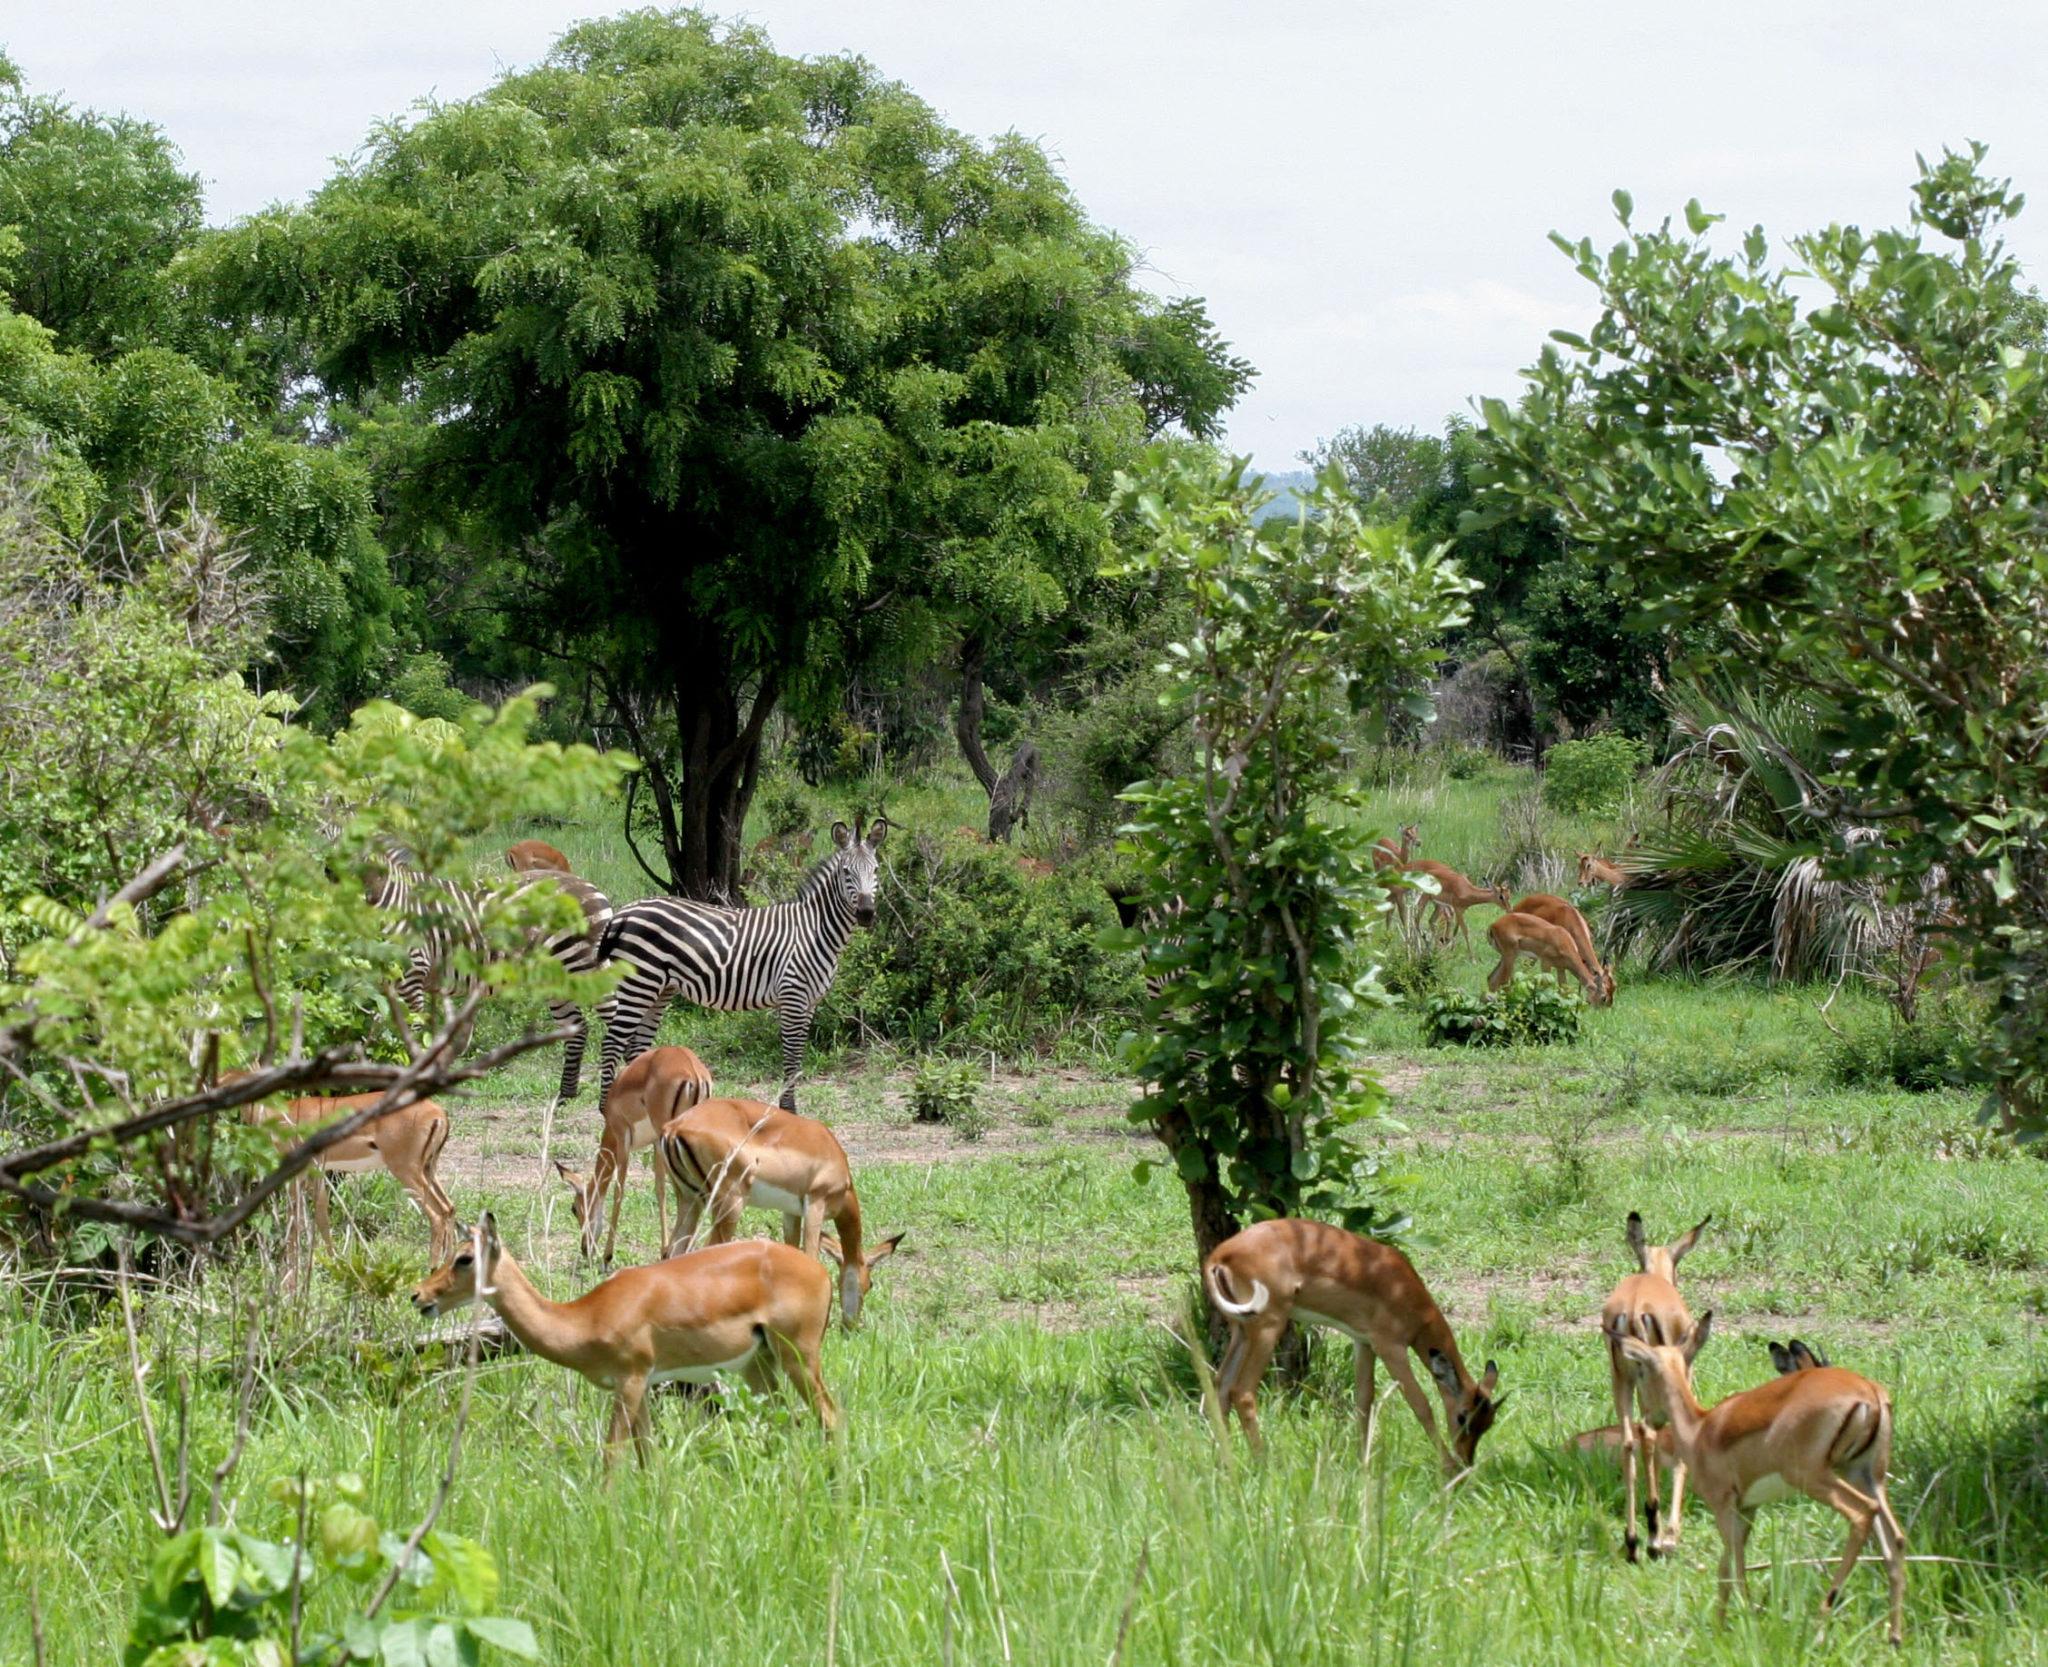 Саванна, Микуми, Танзания. Импалы и зебра. Фото Н. Вихрева